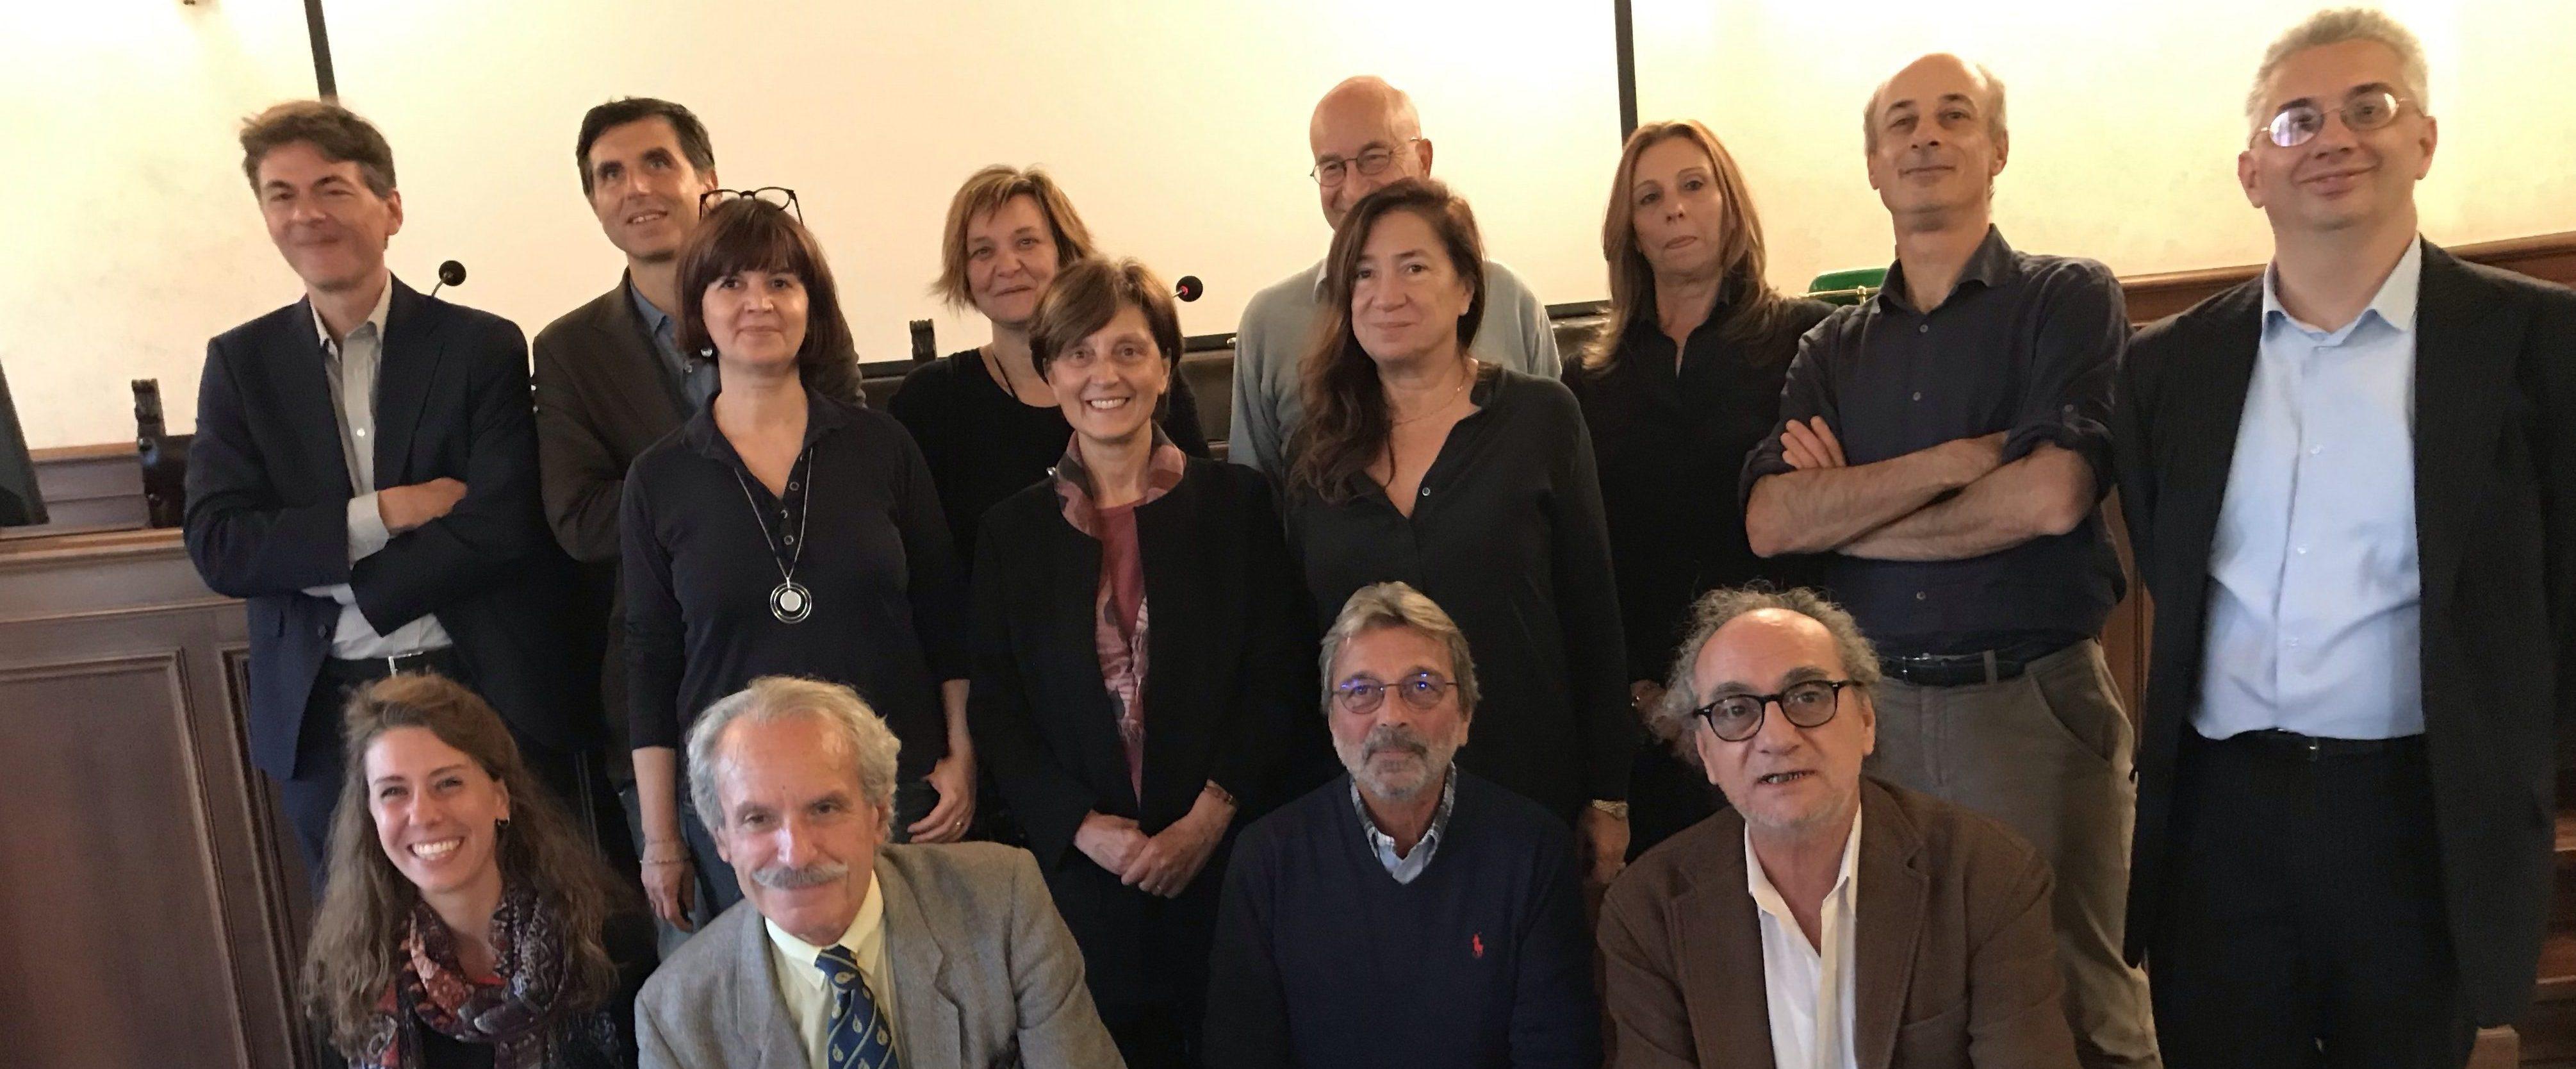 25 Ottobre 2019 – Elezioni del nuovo Consiglio Direttivo SGI